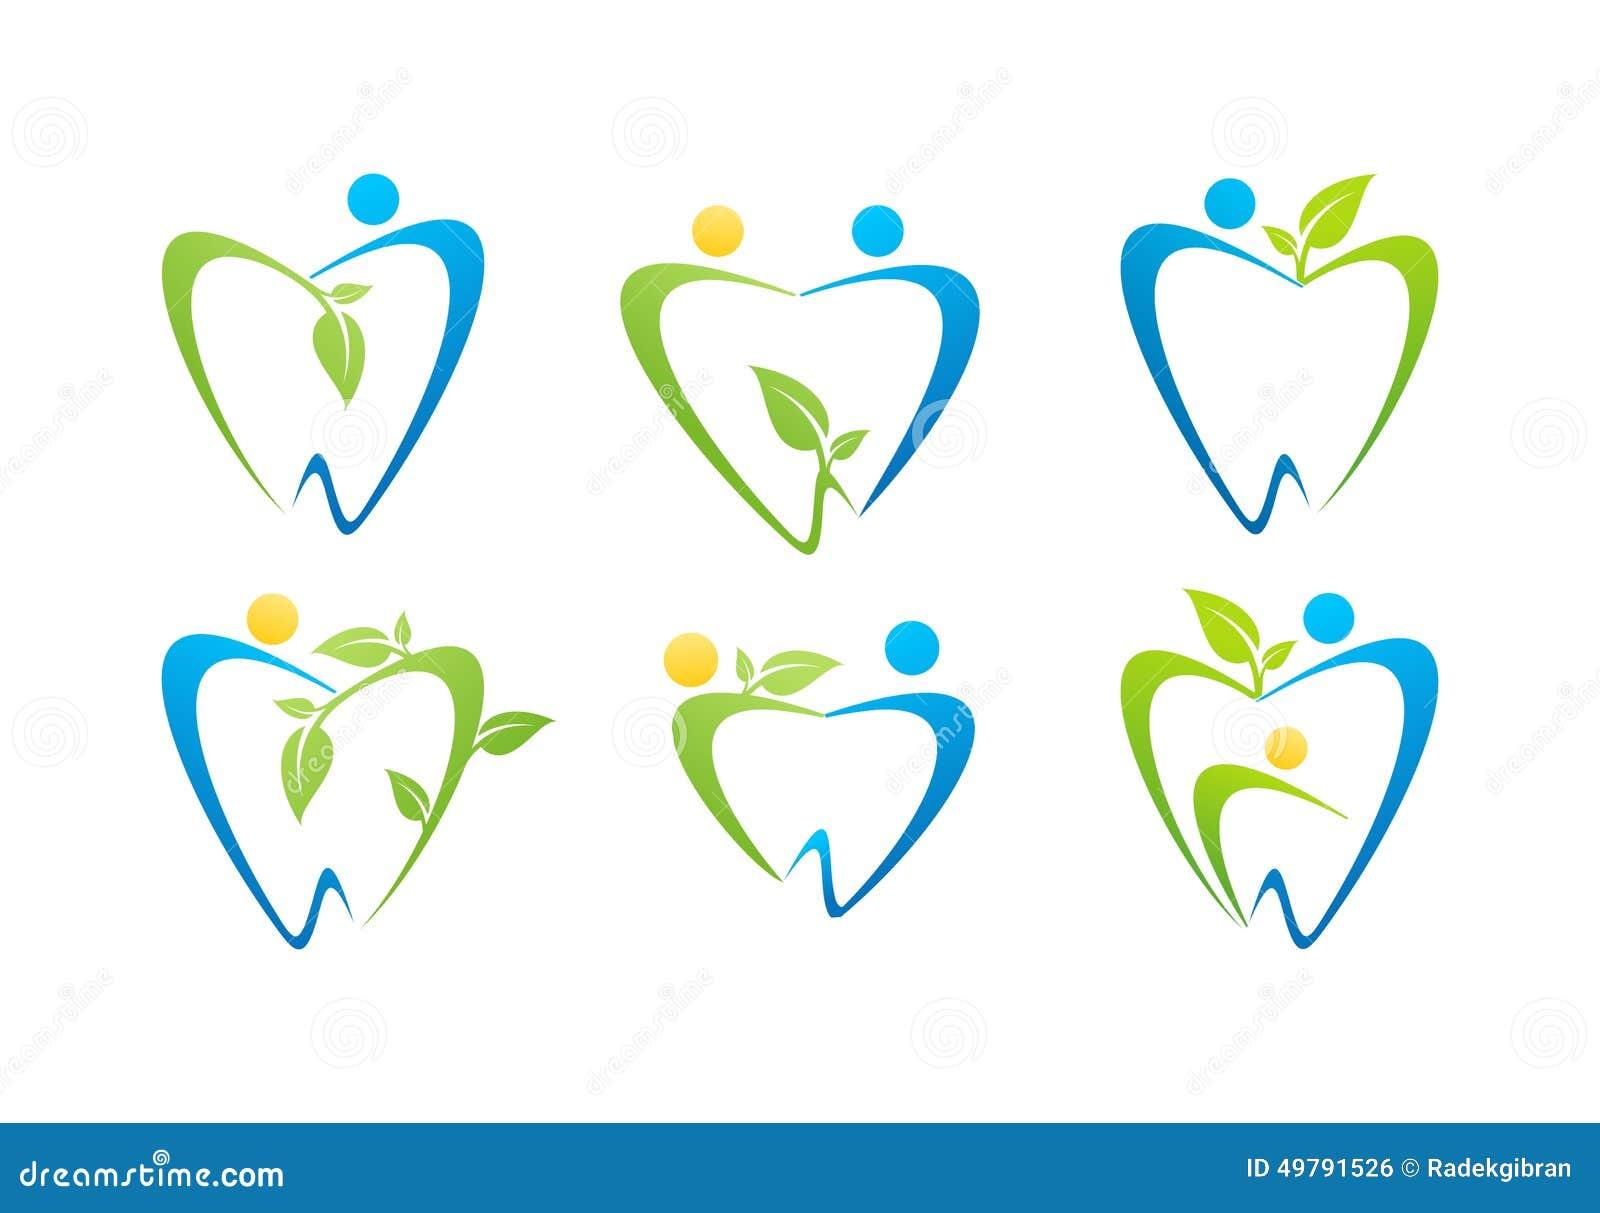 dental care logo, dentist illustration health people nature symbol set design vector